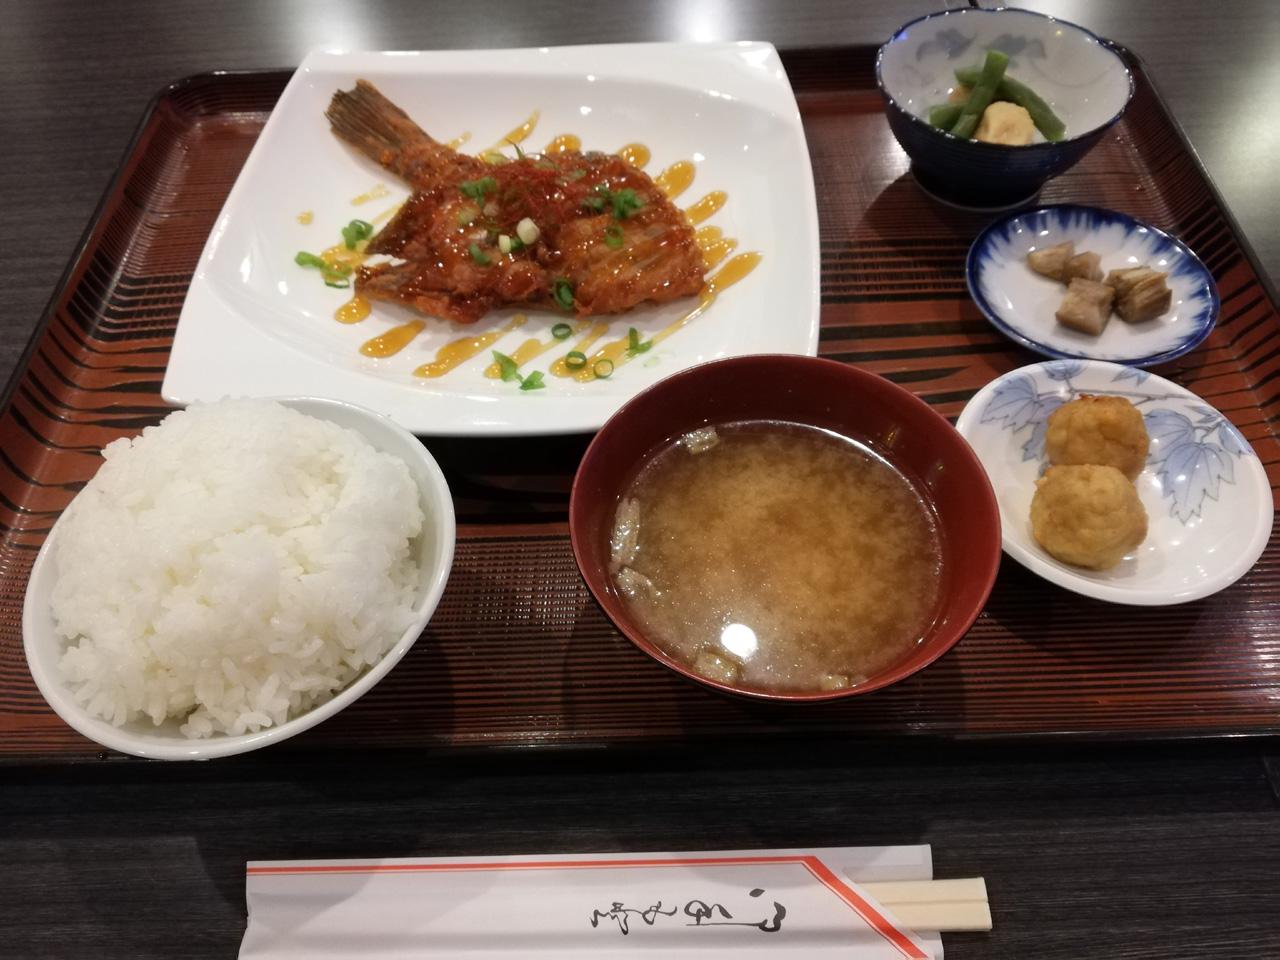 カレイの唐揚げ定食